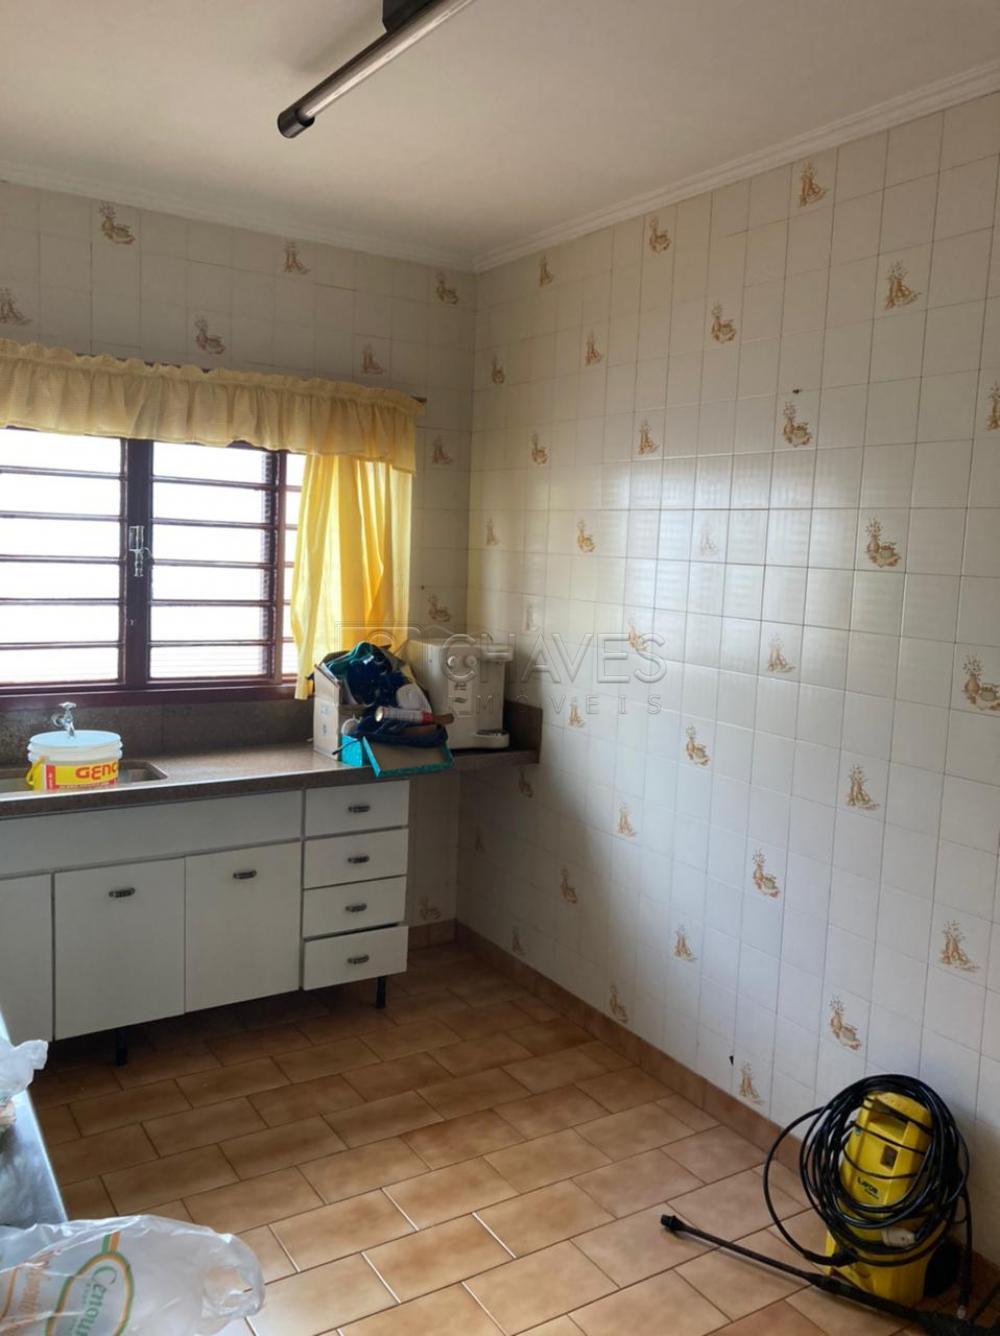 Alugar Casa / Padrão em Ribeirão Preto R$ 2.200,00 - Foto 15